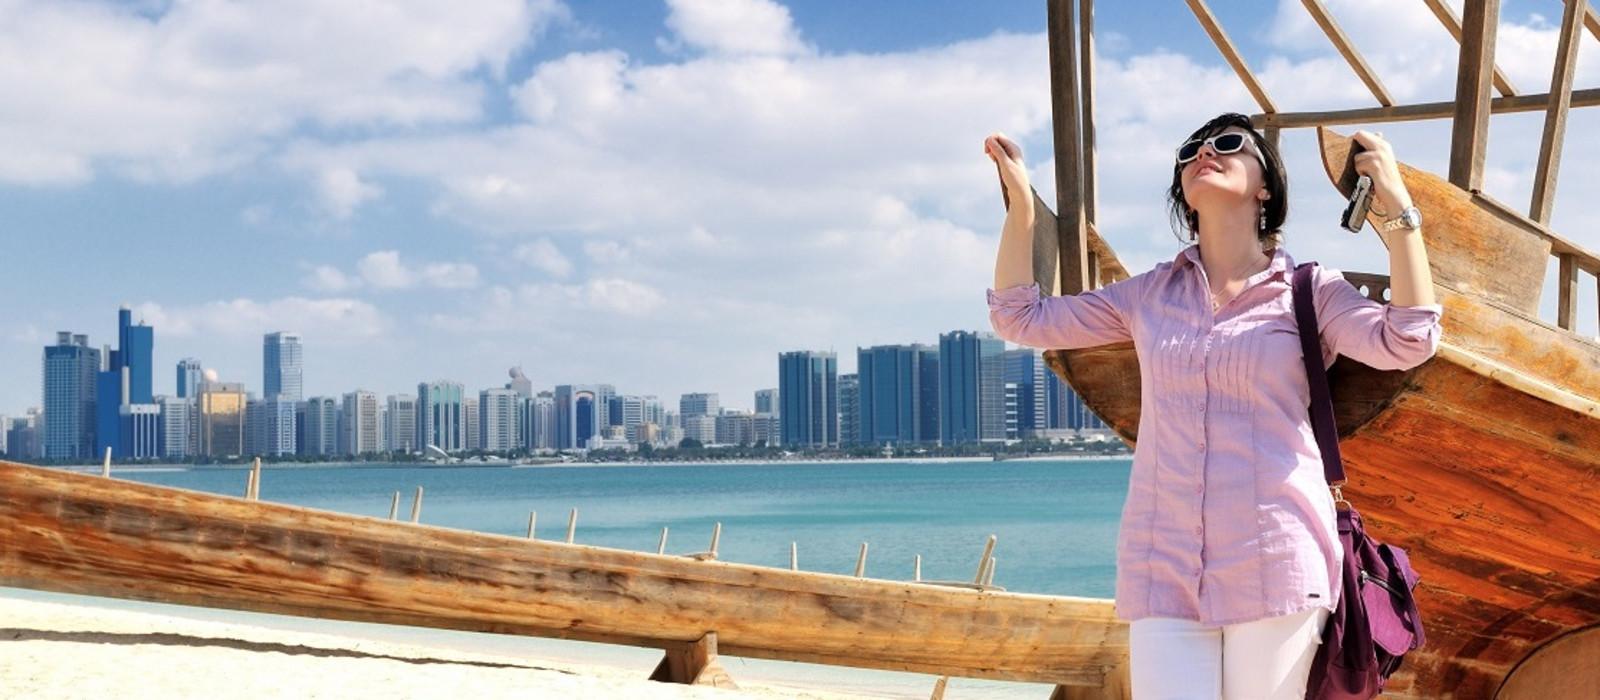 Travel tips for Dubai and Abu Dhabi